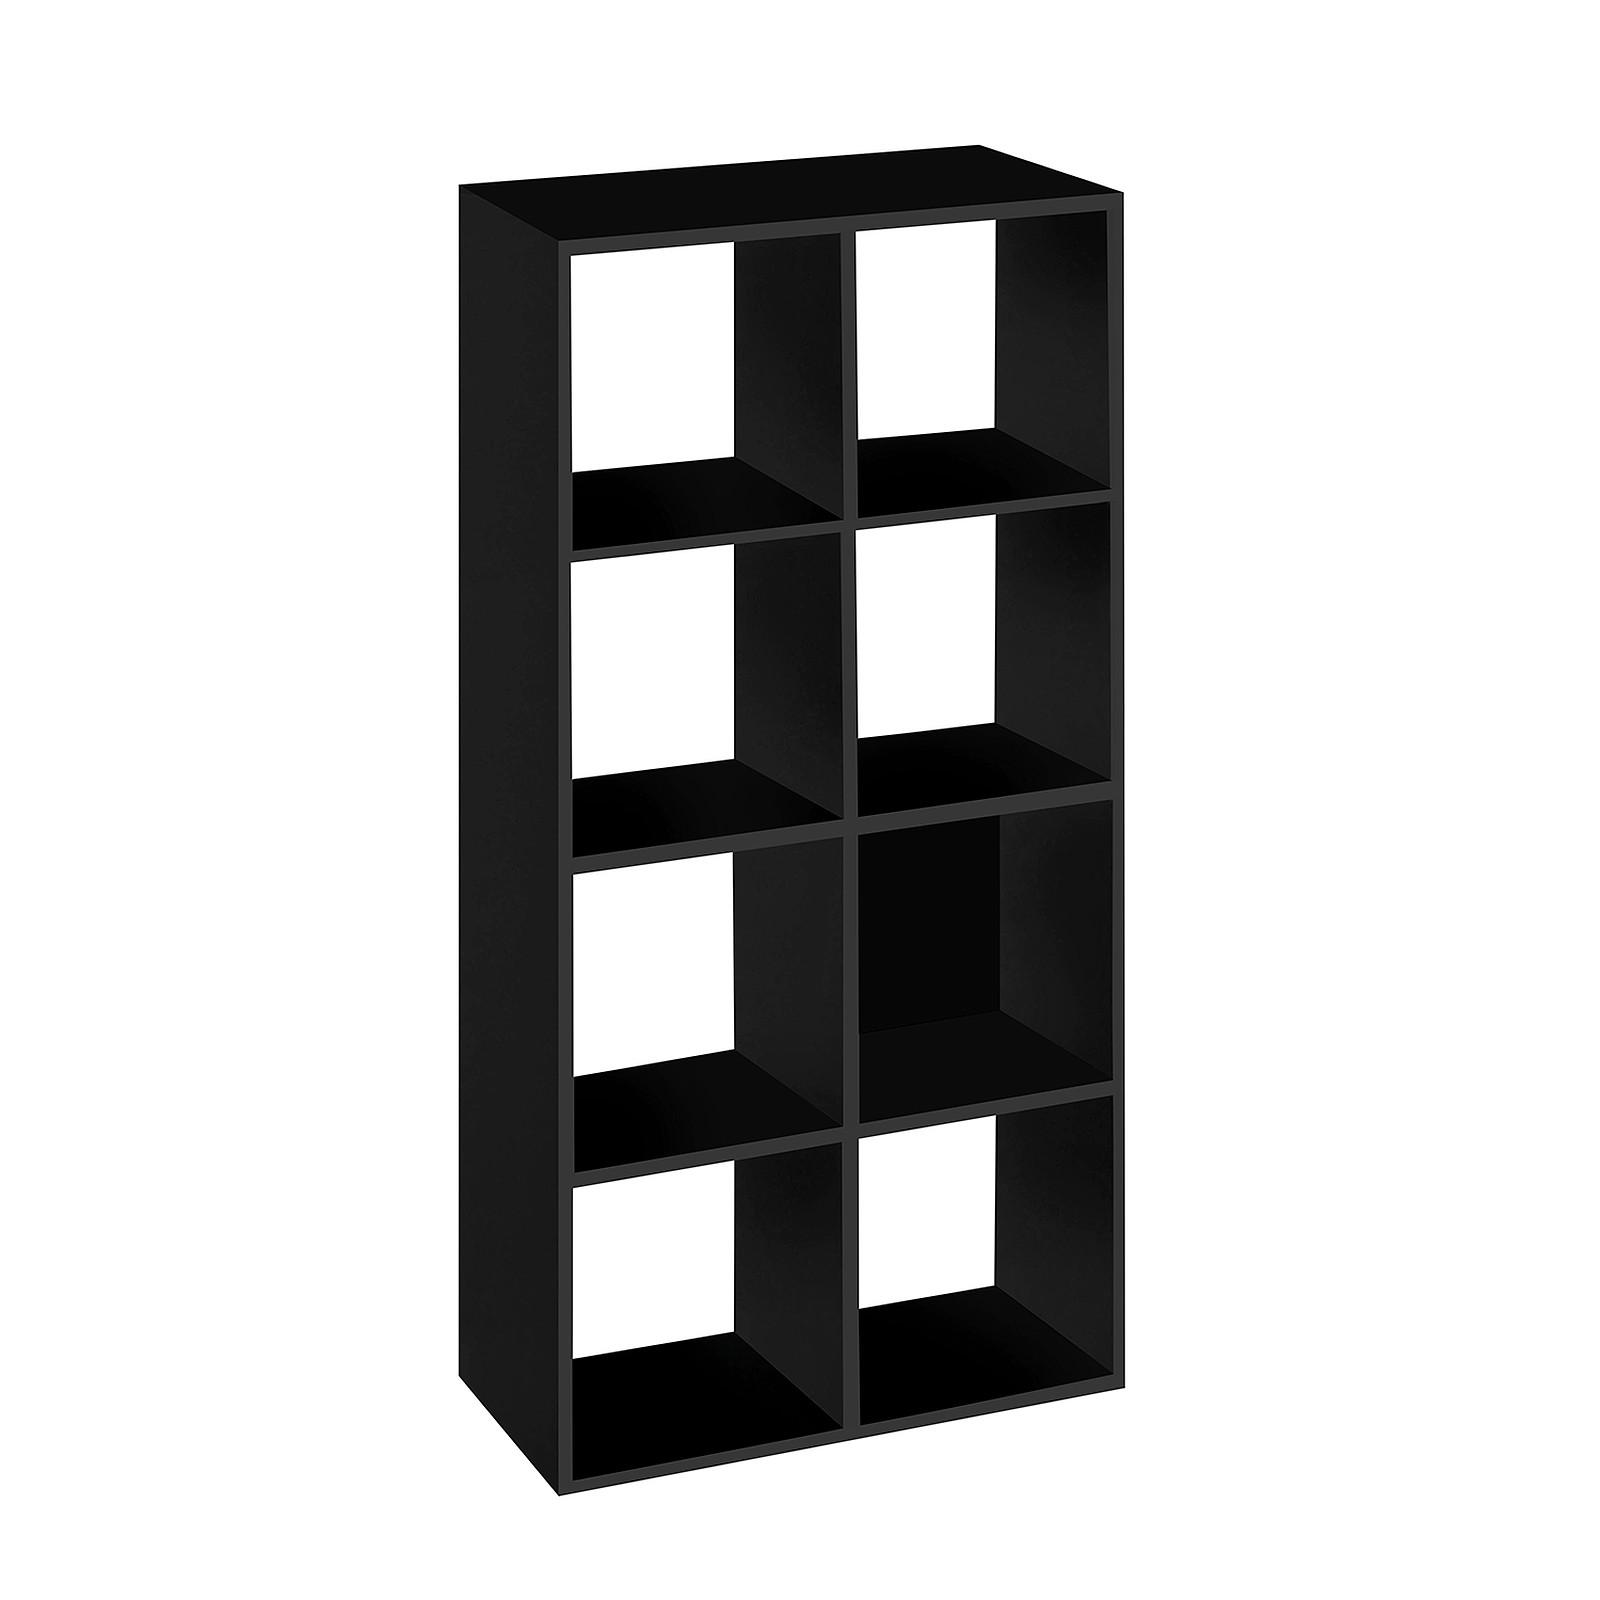 Bibliotheque 8 Cases Noir Mt1 Elegance Meuble Ordinateur Mt International Sur Ldlc Com